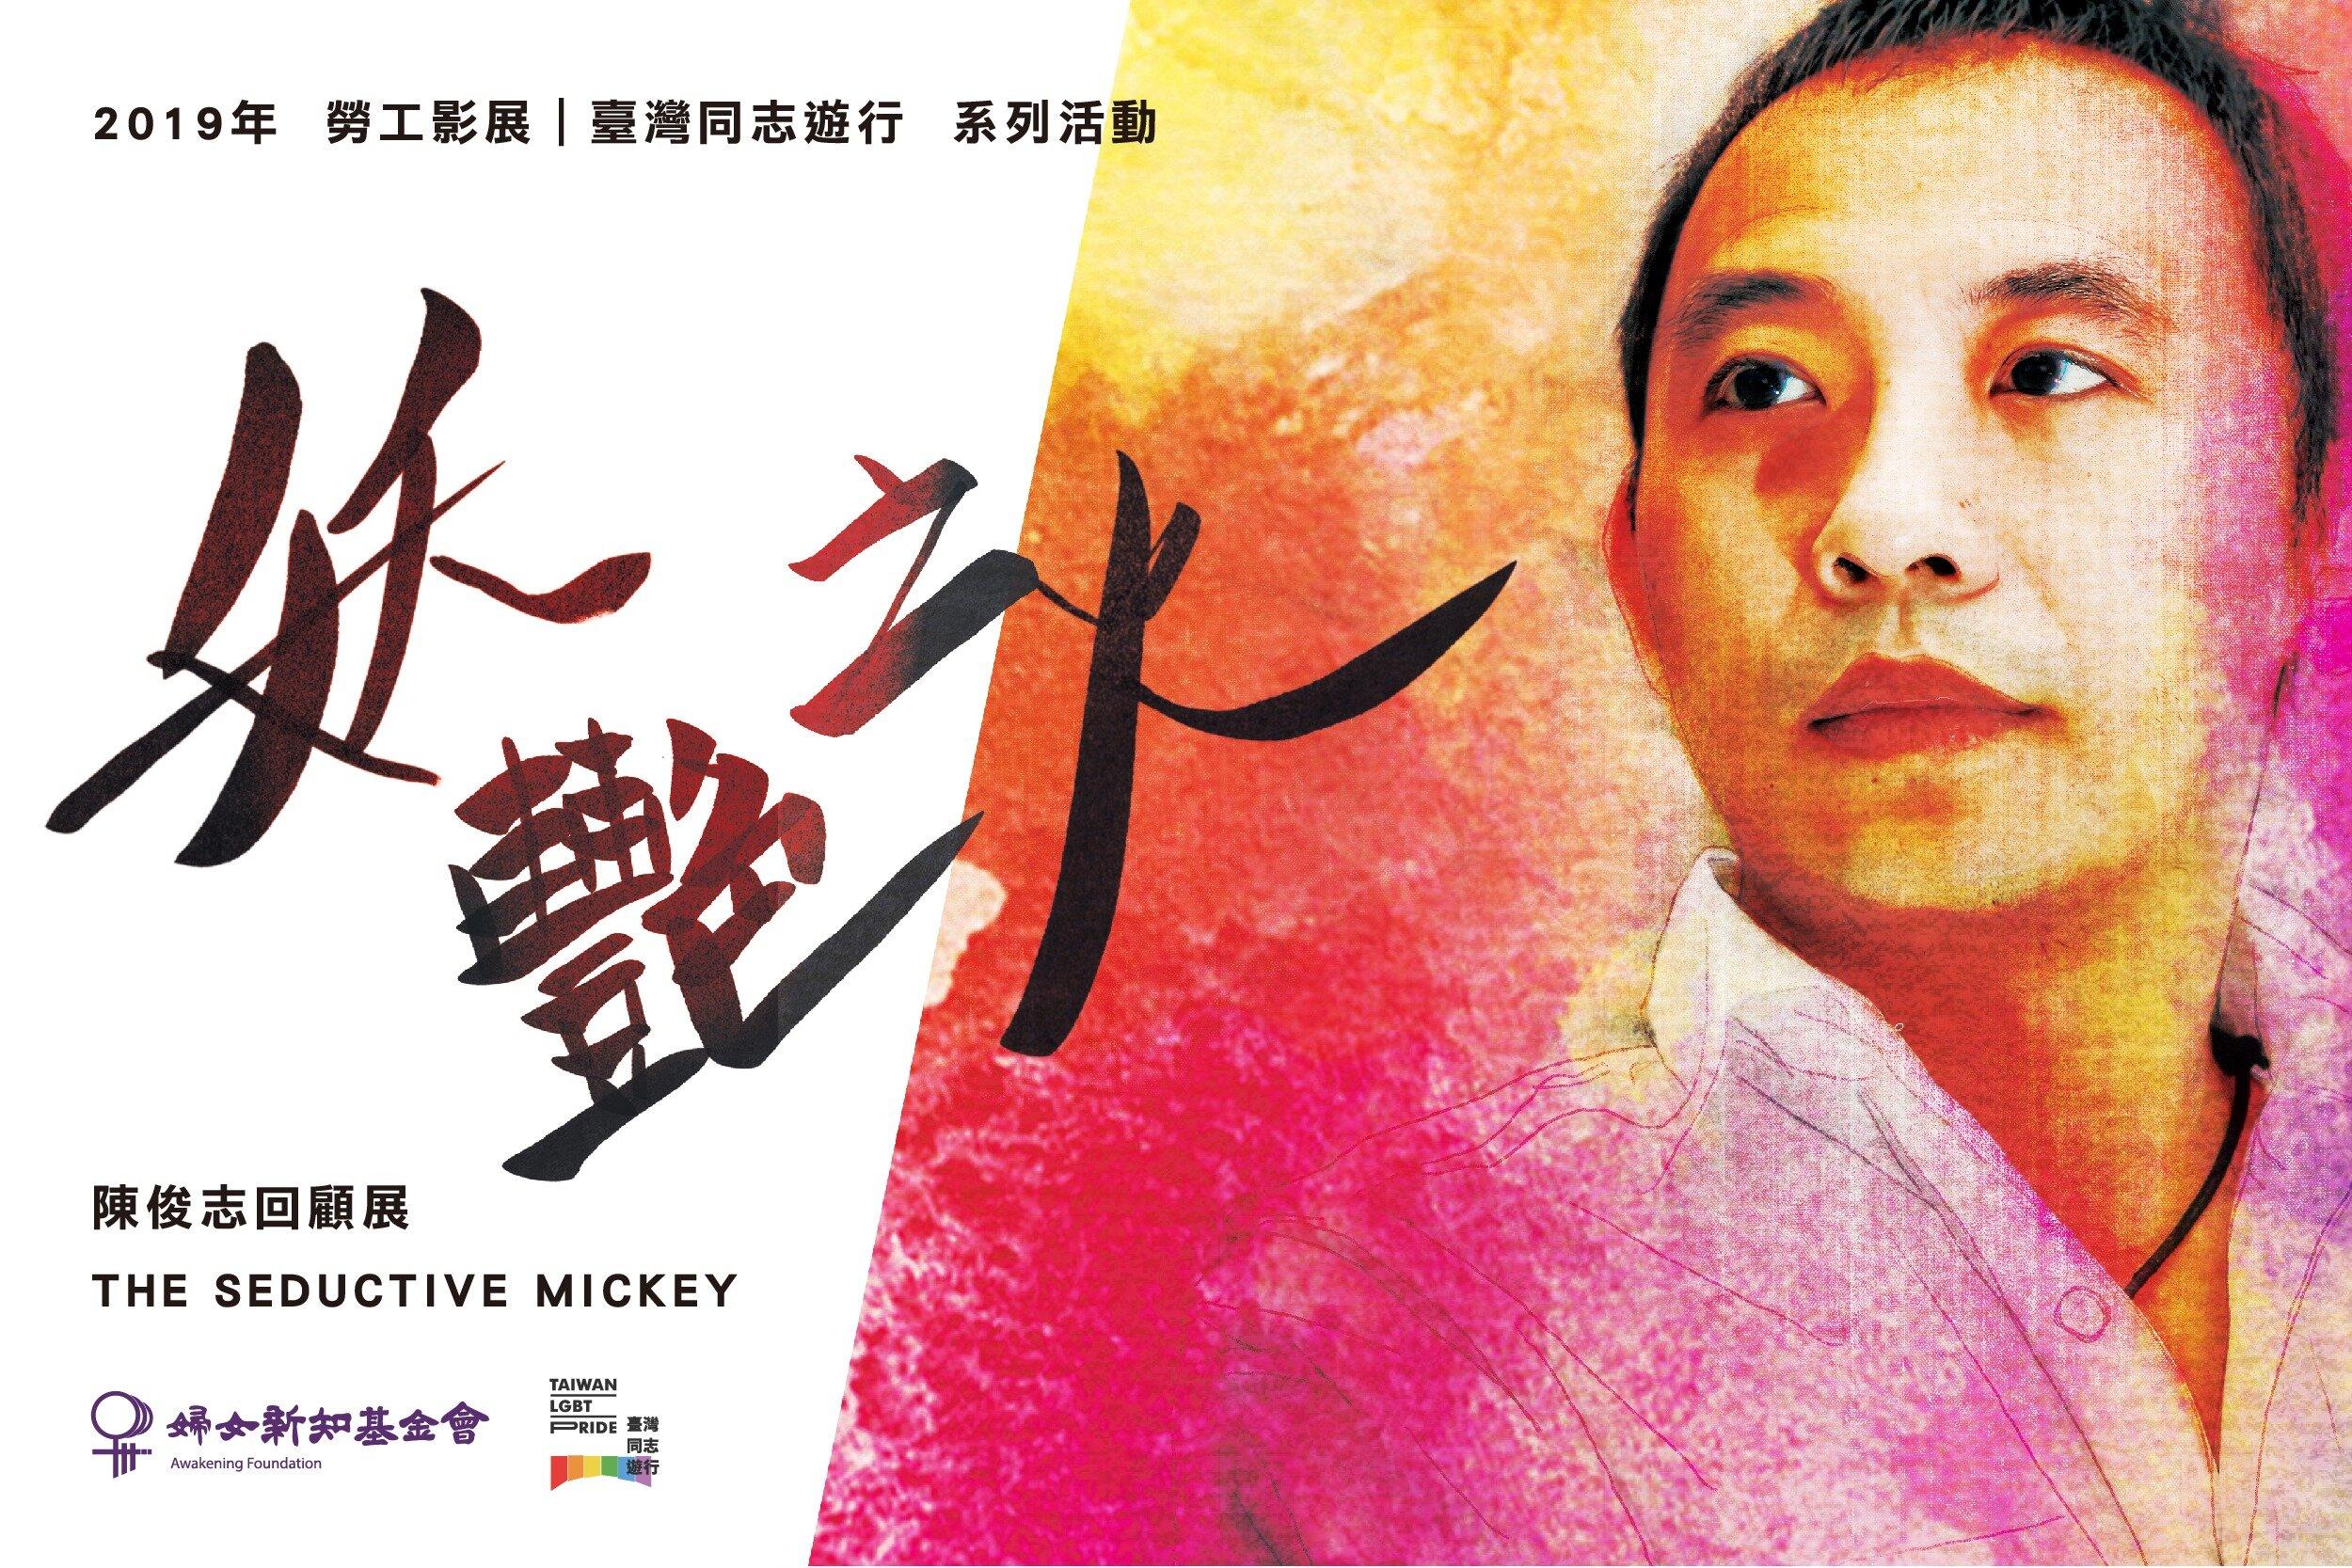 妖艷之火:陳俊志回顧展 - 2019.10.1-12.31台北市立圖書館啟明分館